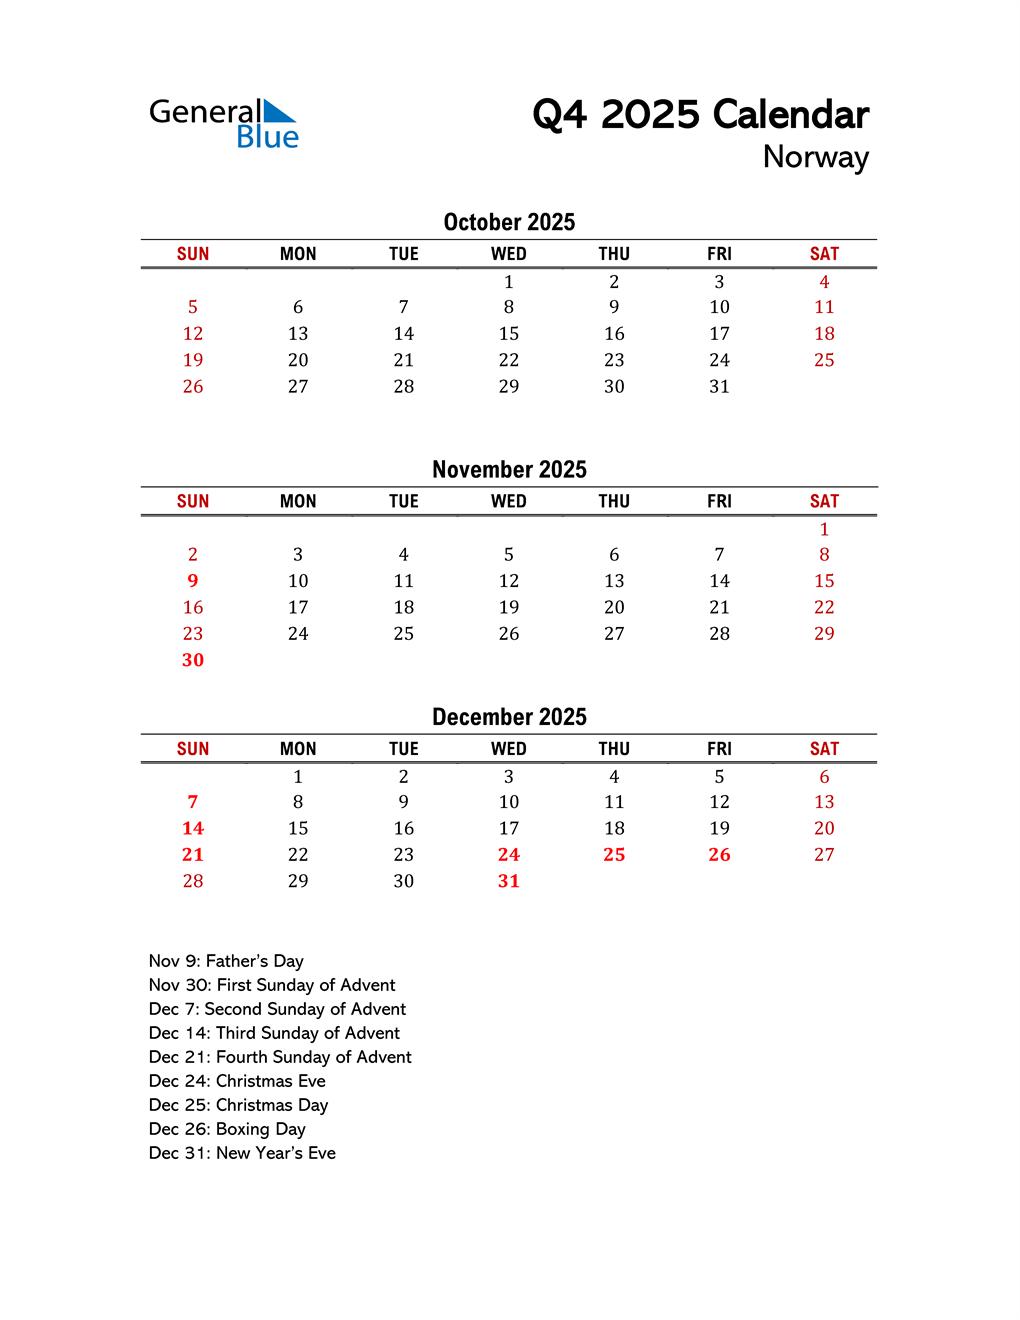 2025 Q4 Calendar with Holidays List